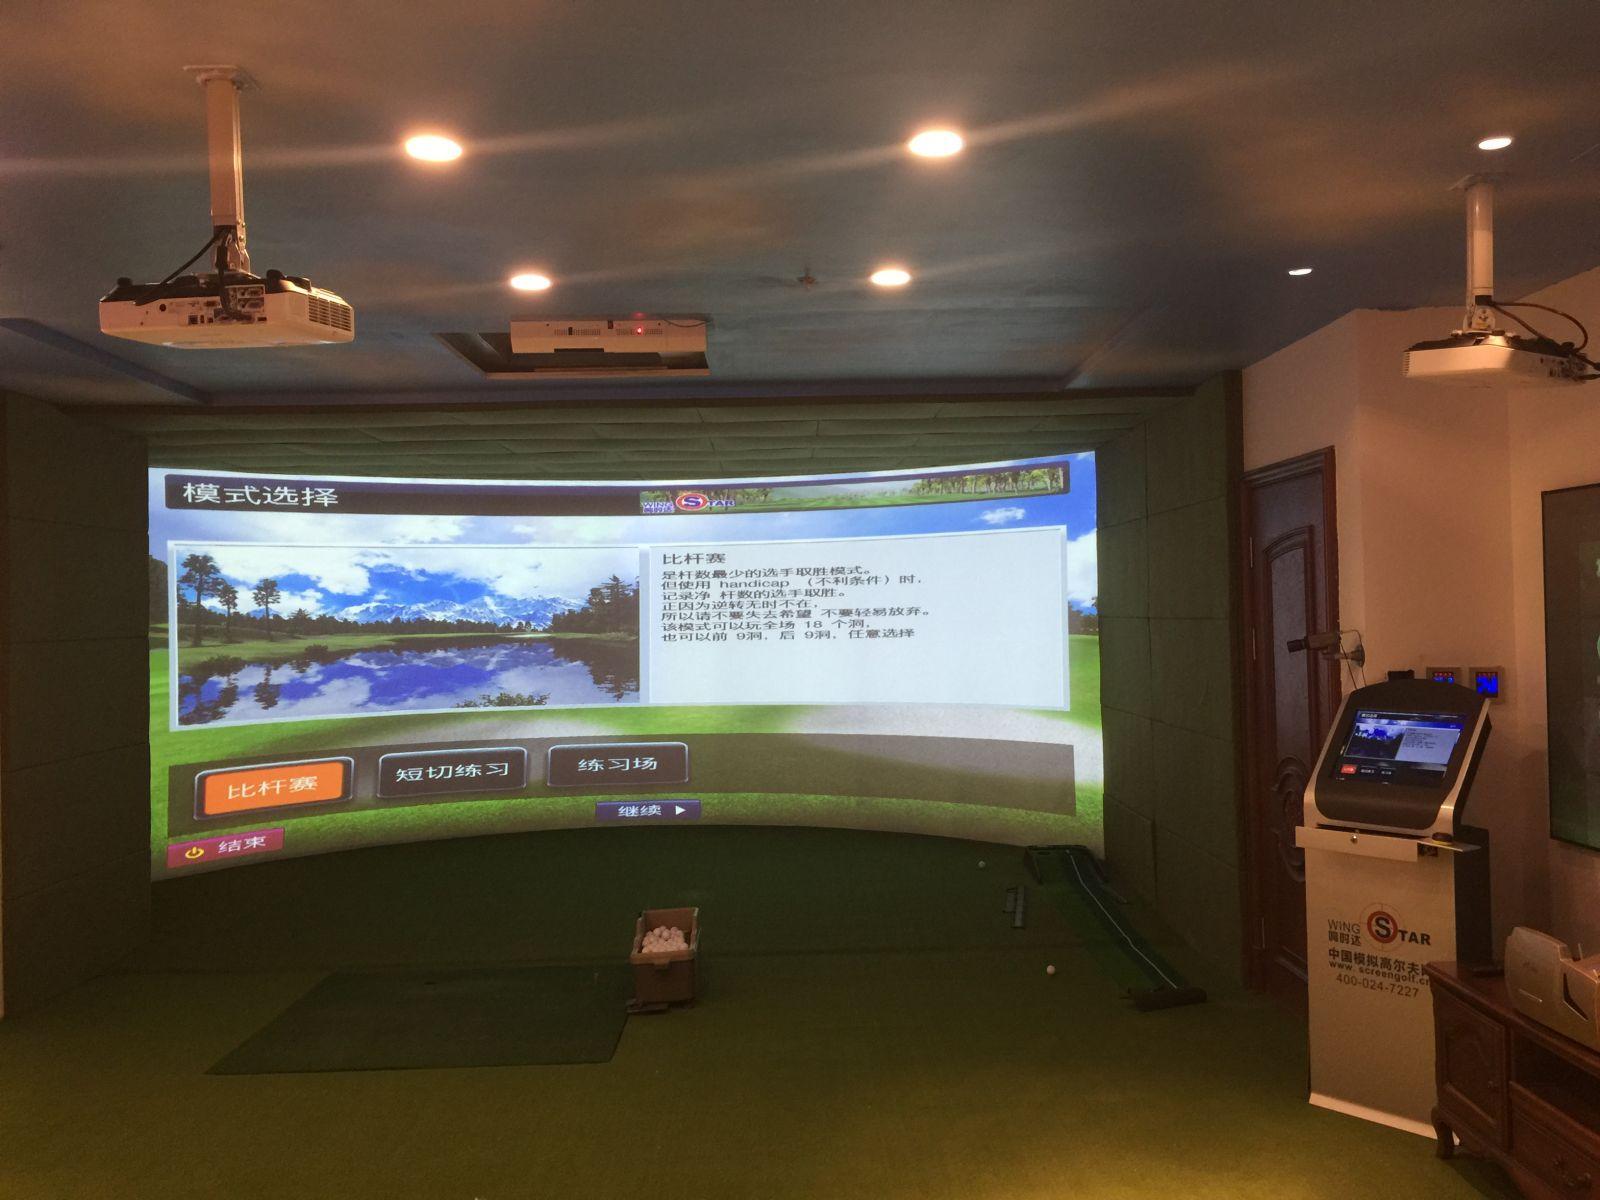 wingStar模拟高尔夫展厅八:沈阳环屏模拟高尔夫展厅